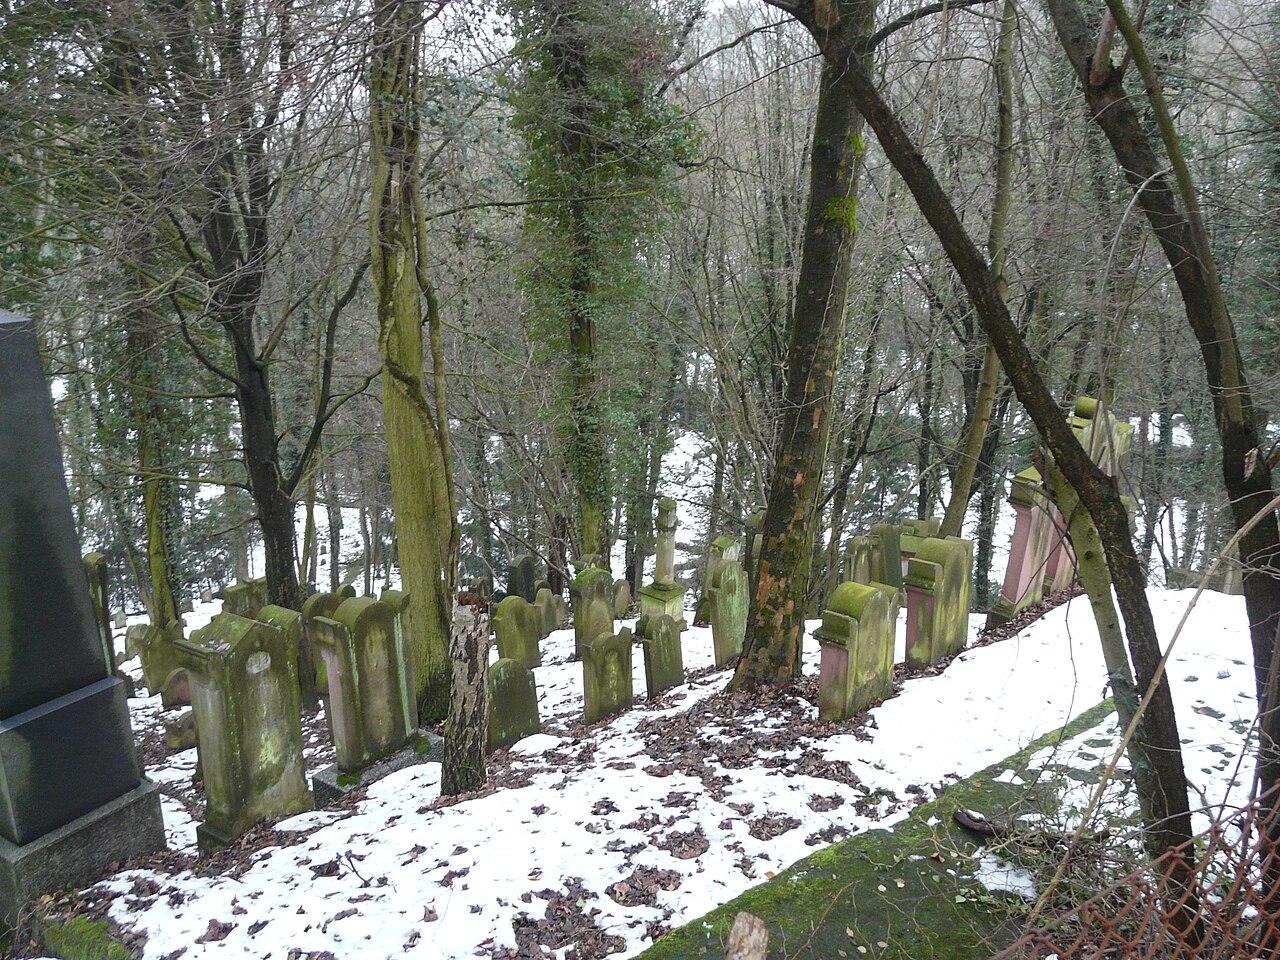 Juedischer Friedhof Hemsbach 14 fcm.jpg